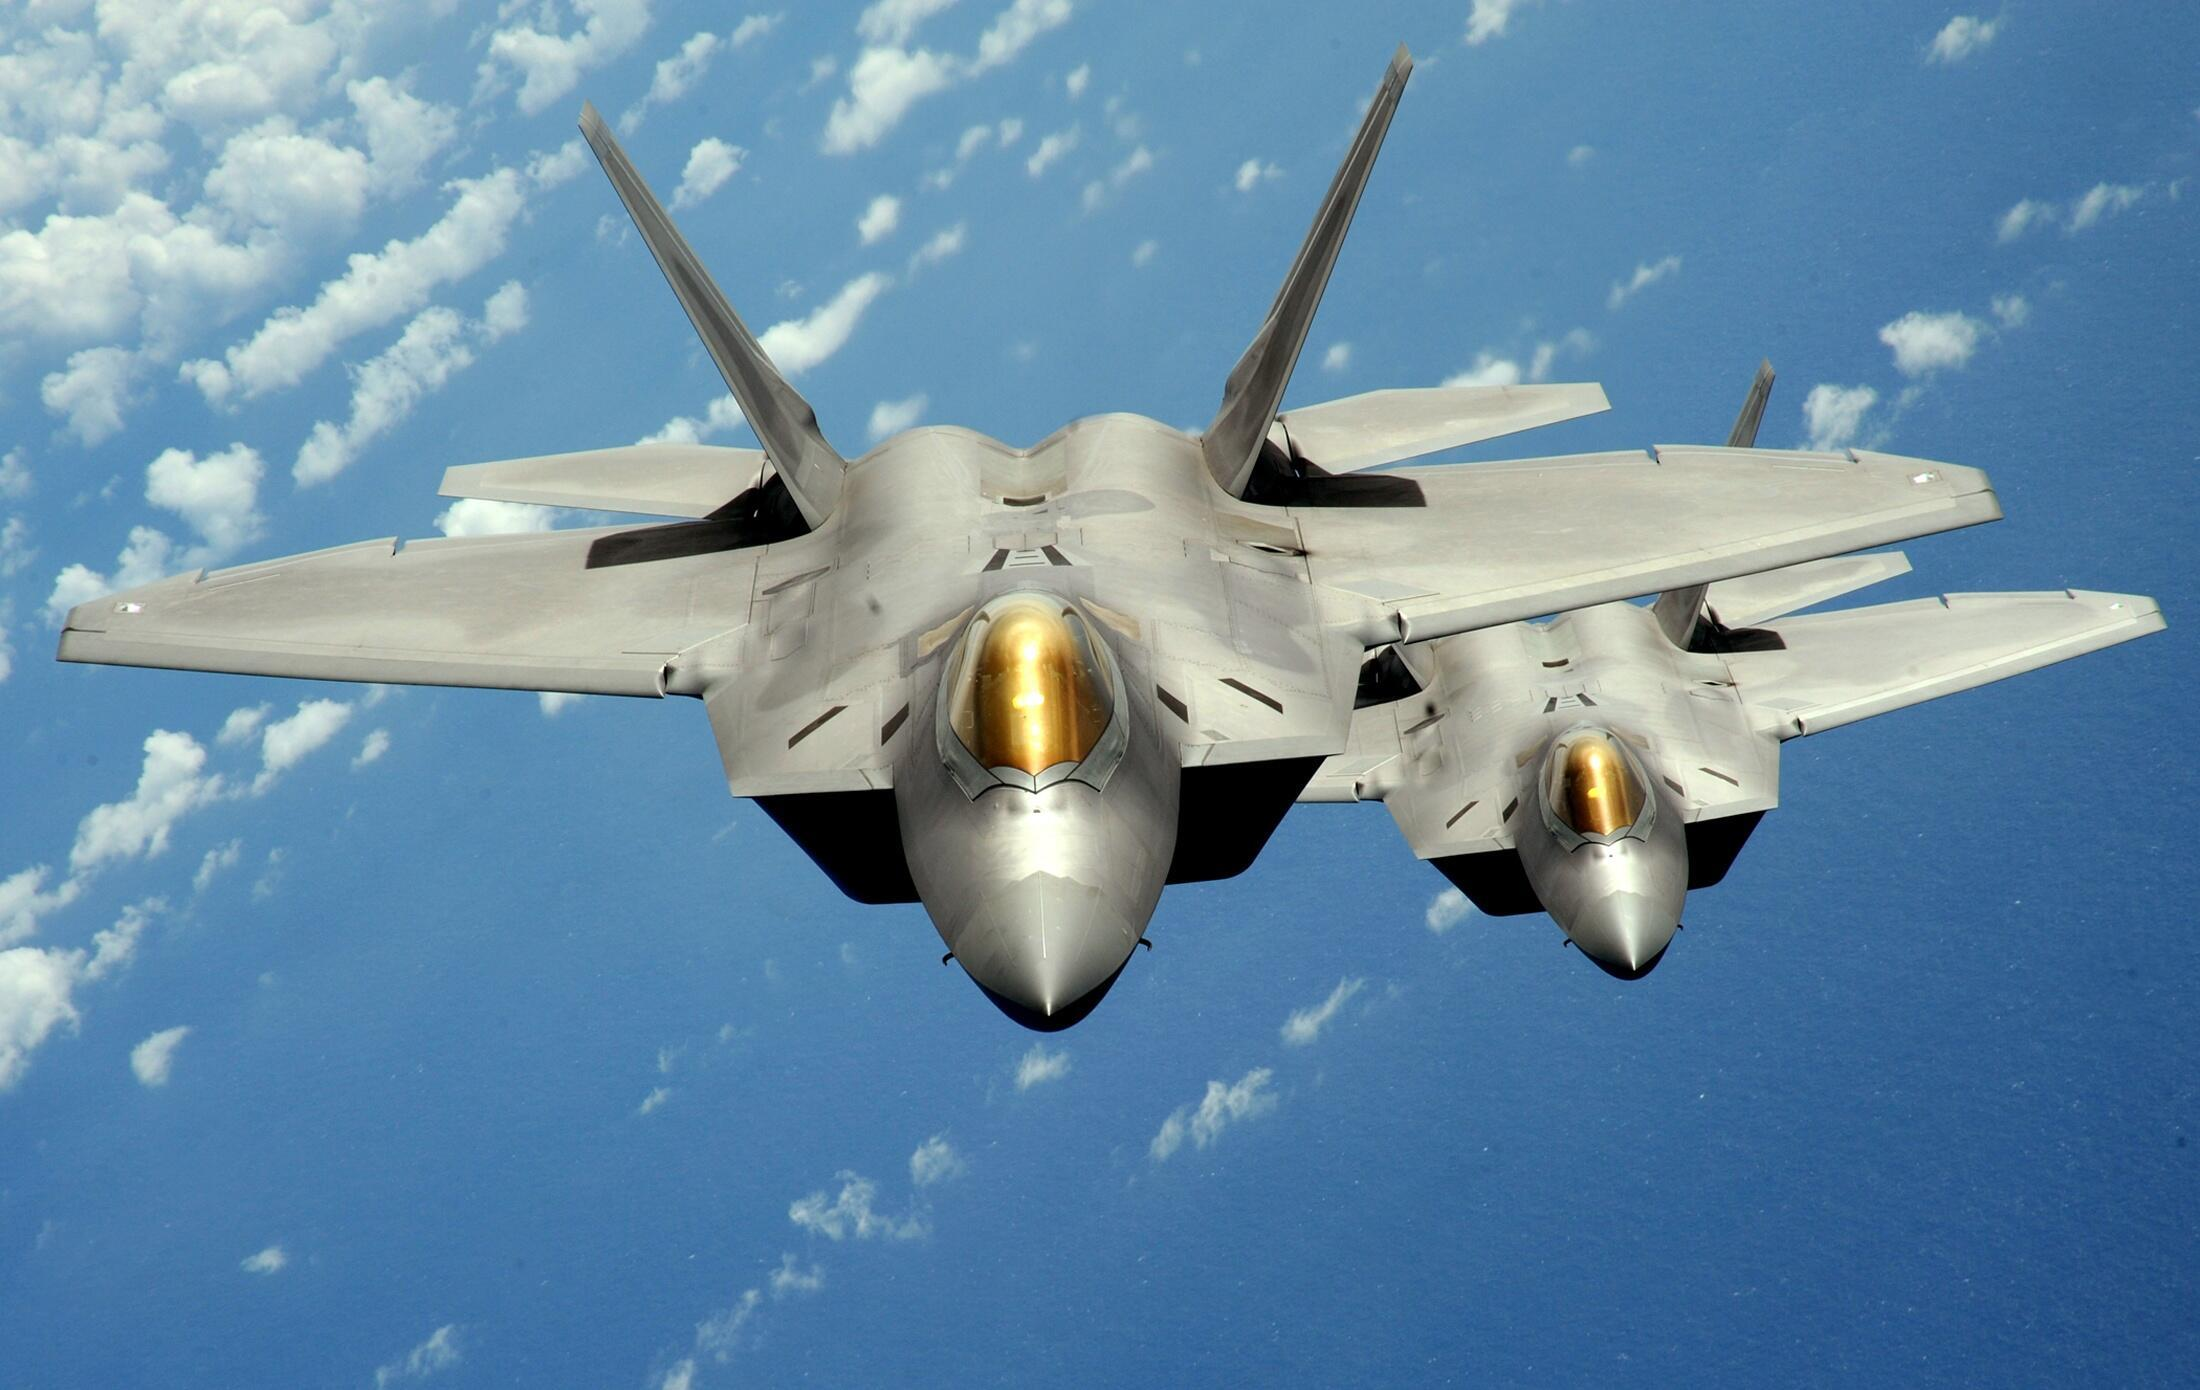 F-22 một trong những loại chiến đấu cơ tối tân nhất không quân Mỹ được dự kiến triển khai tại Châu Âu. (Ảnh chụp ngày 04/08/2010)